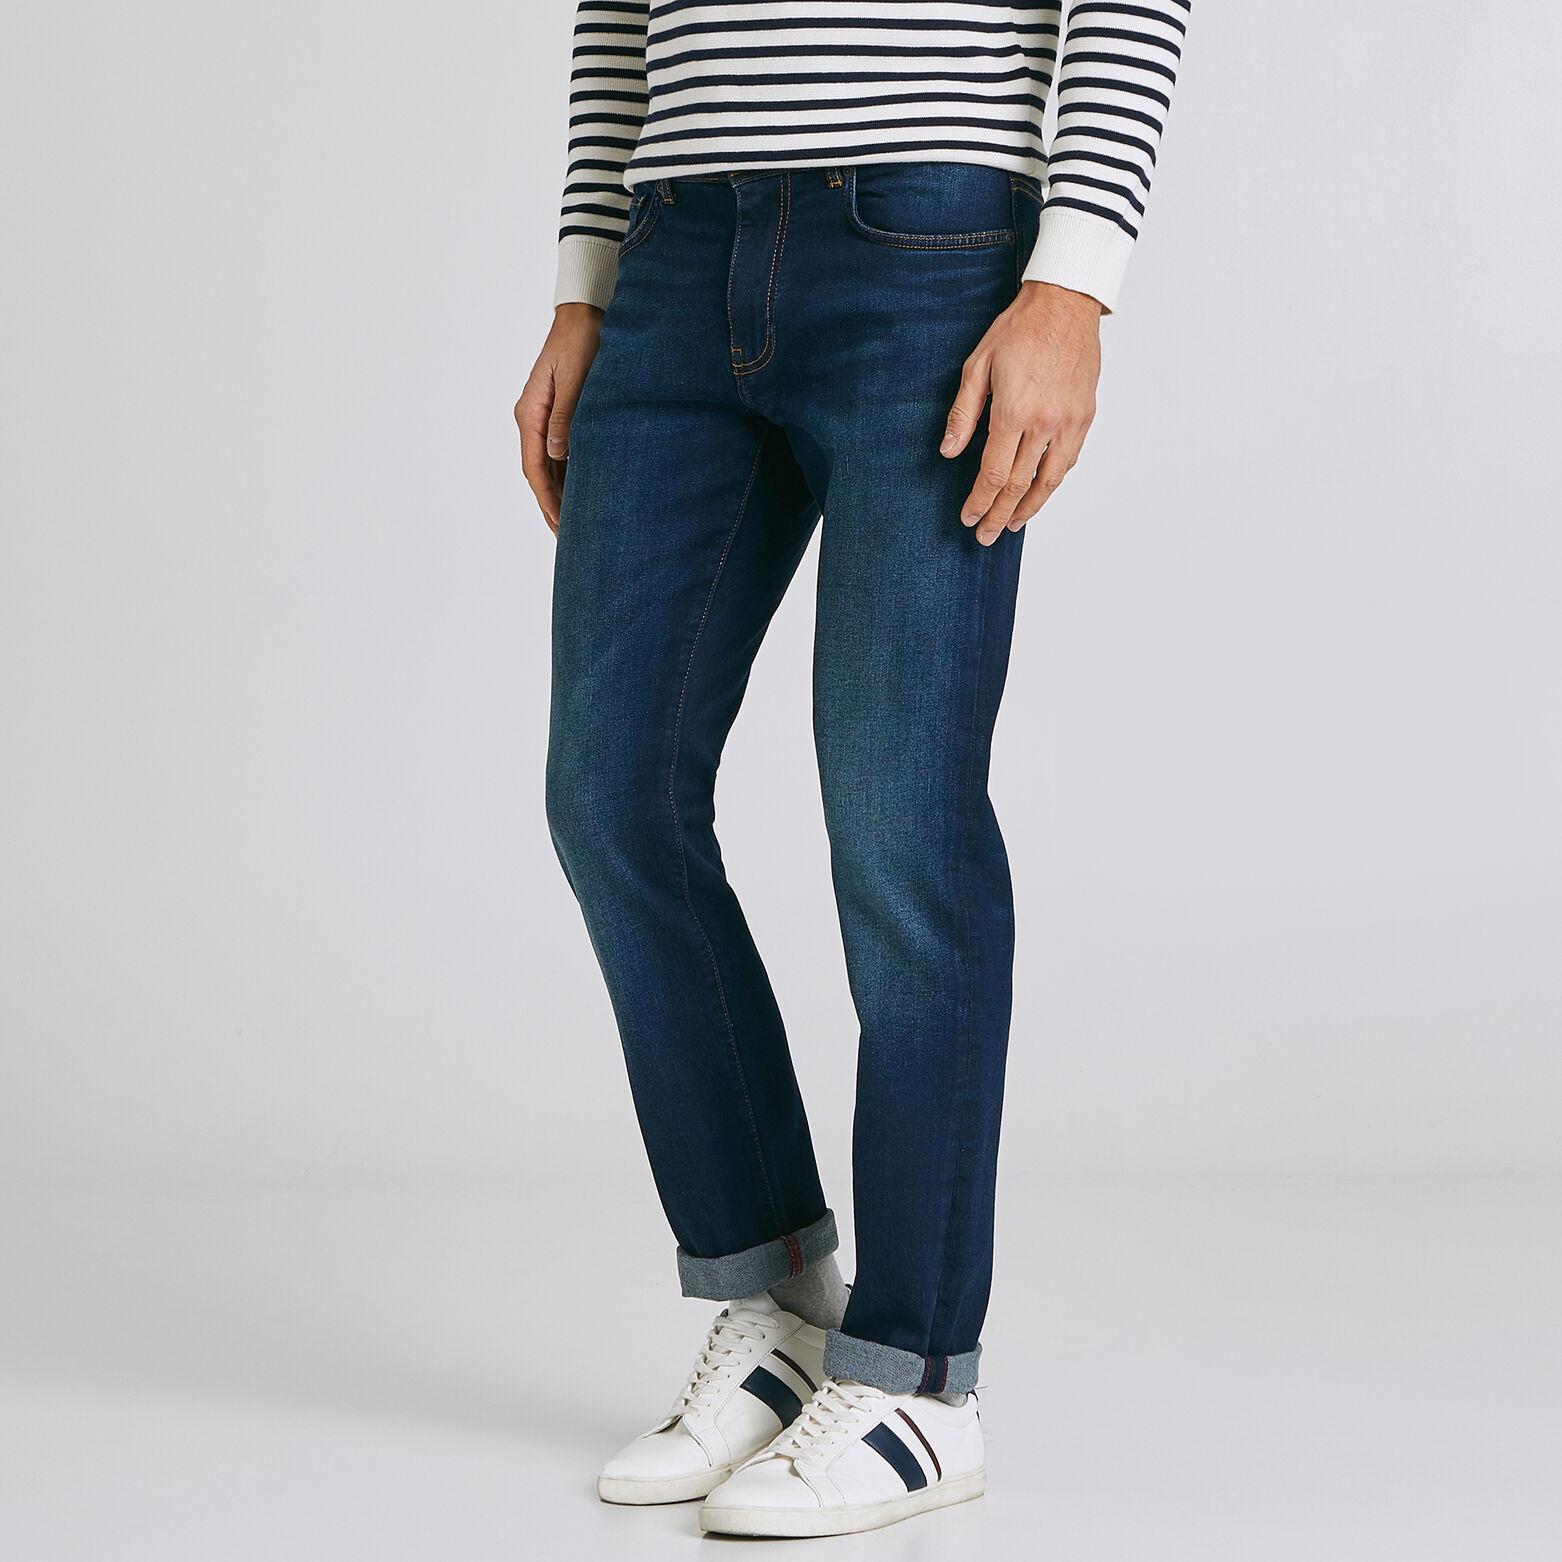 Ensemble look doudoune chemise jean